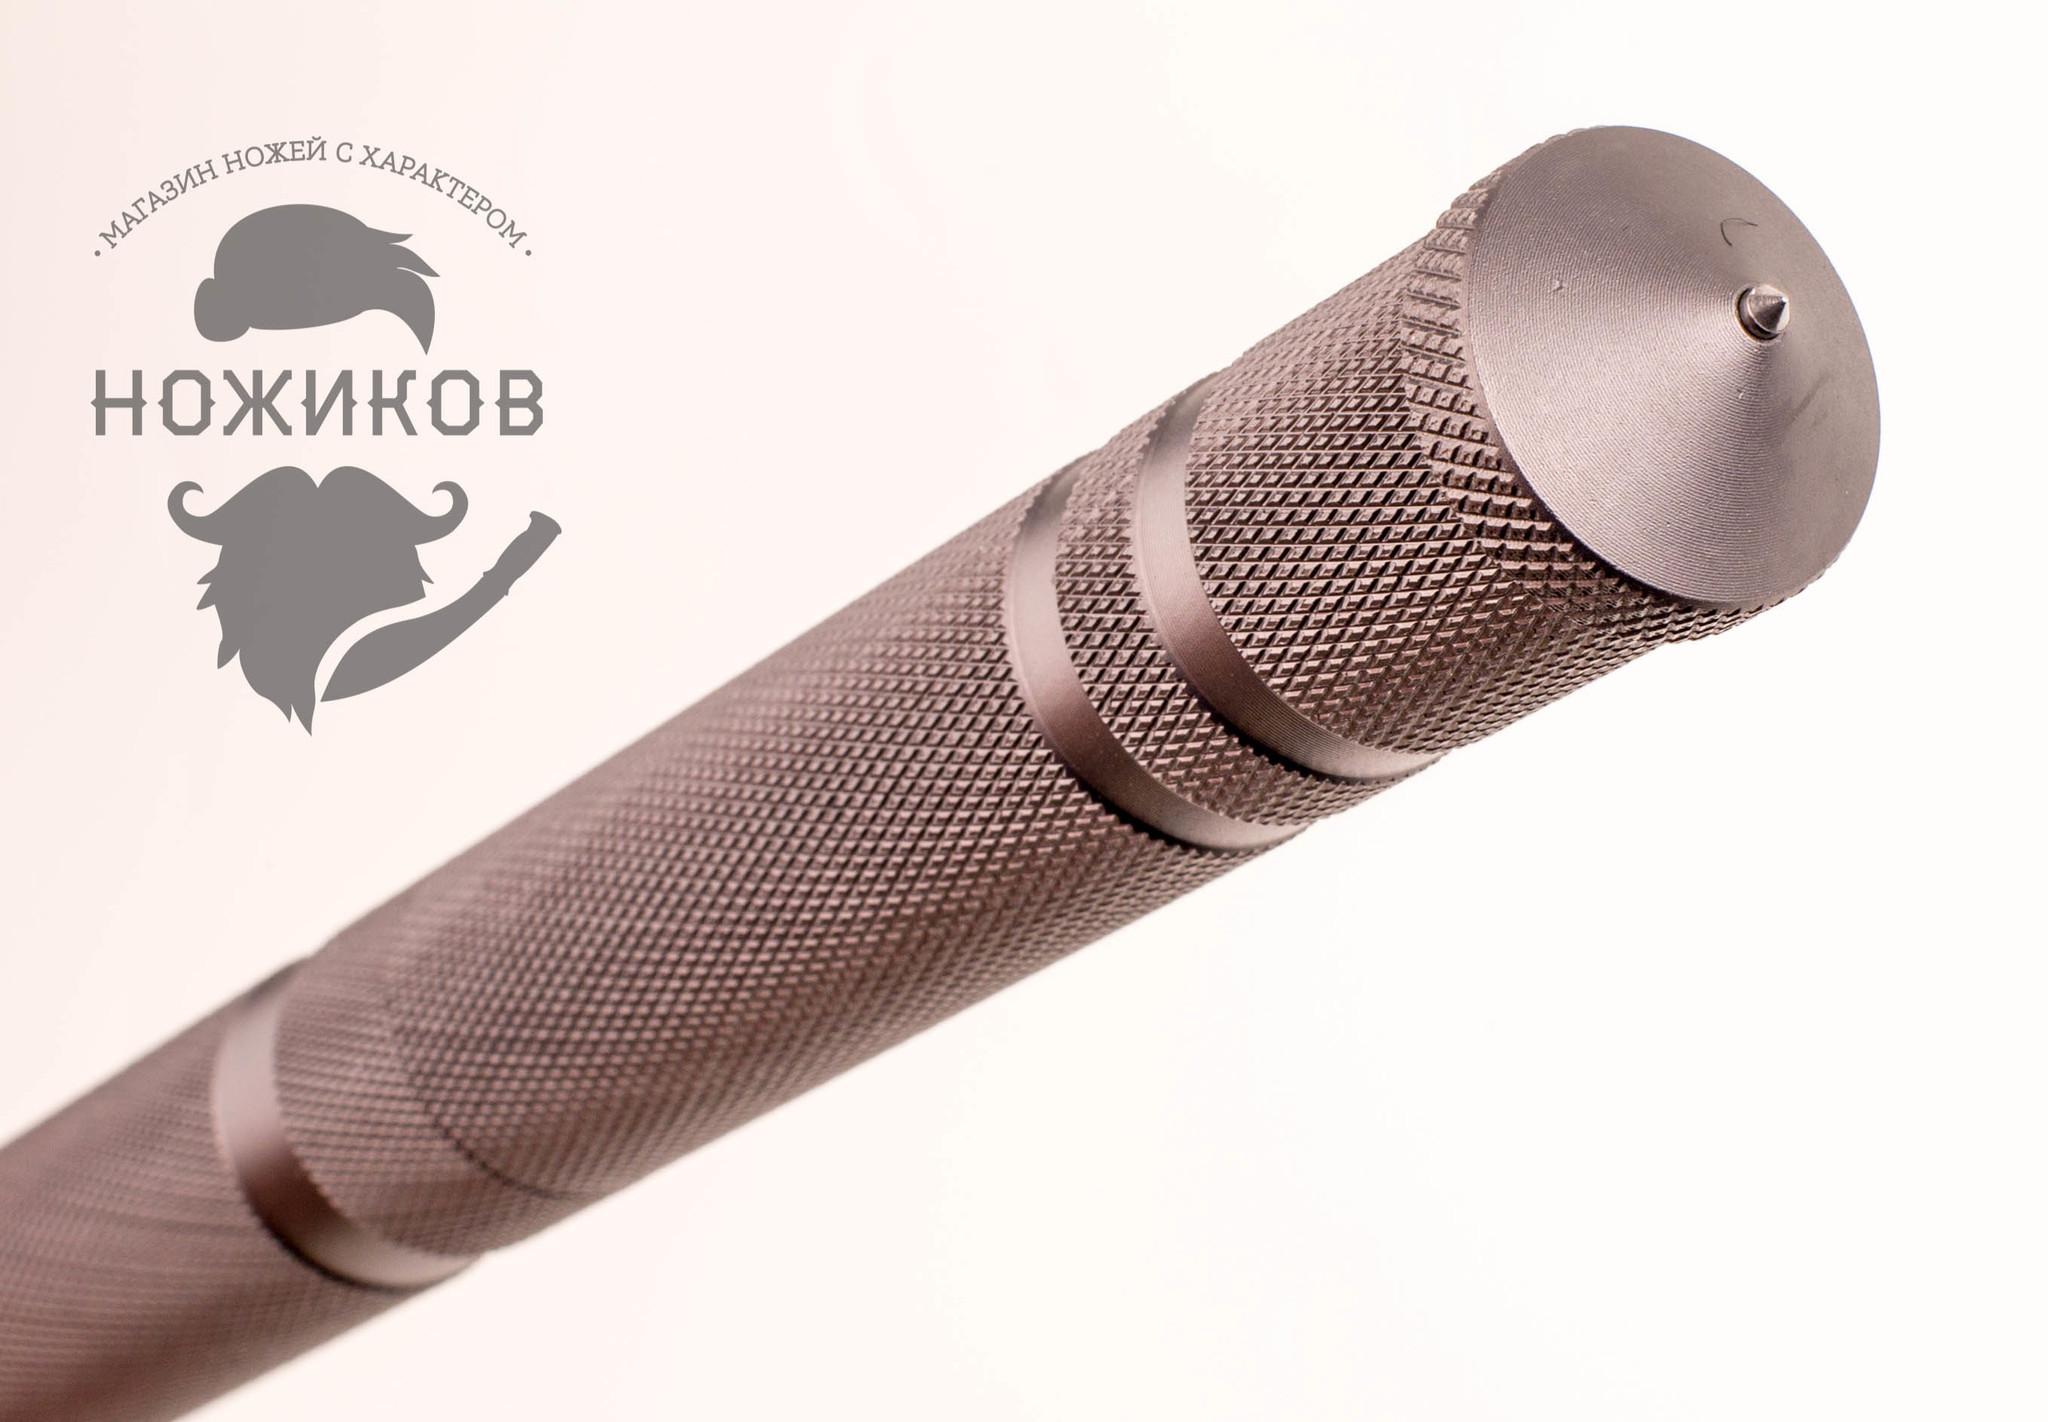 Фото 31 - Многофункциональная лопата для выживания HX Outdoor 19-в-1 от Noname